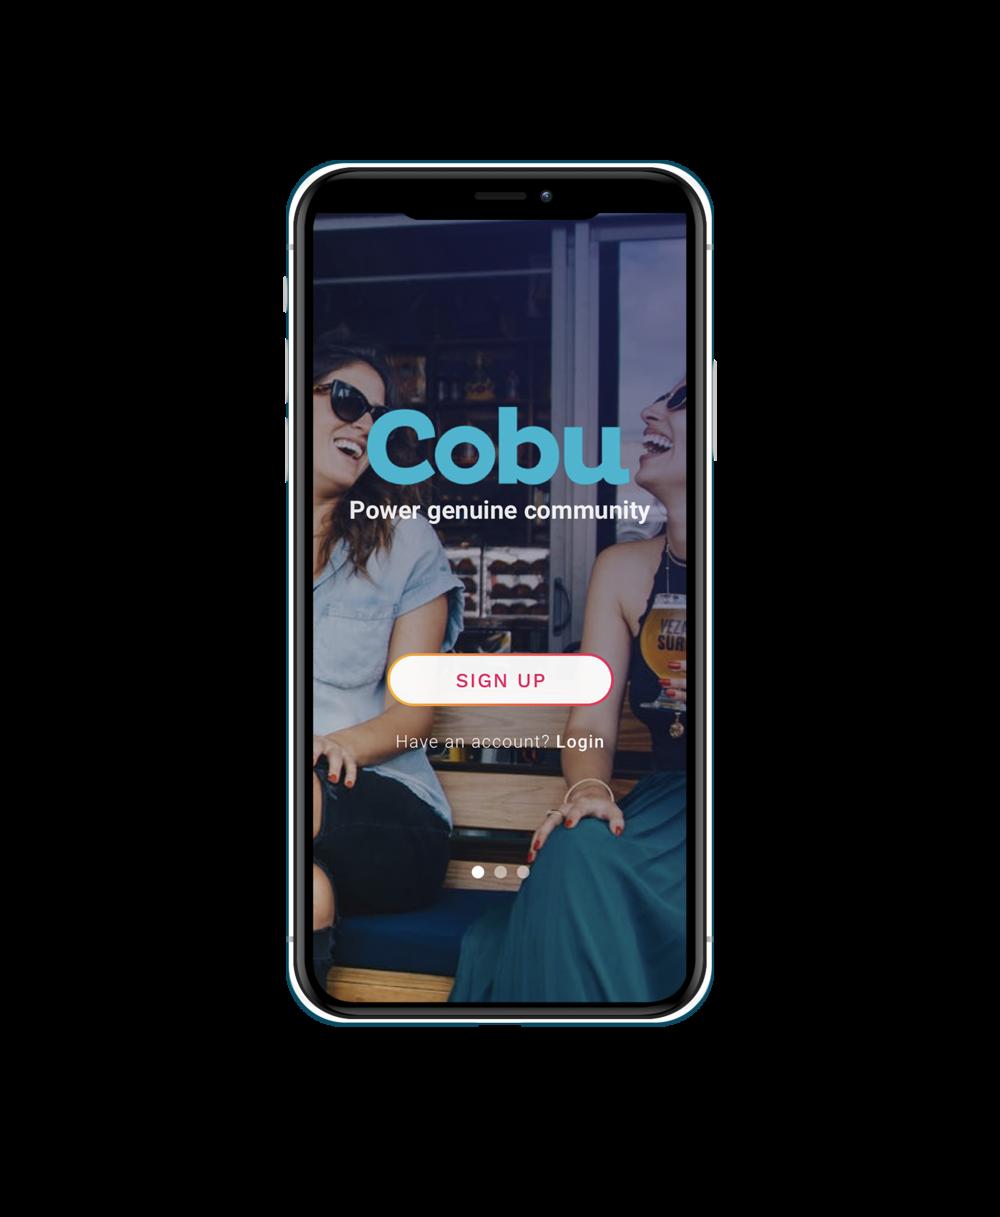 cobu-app-mockup.png